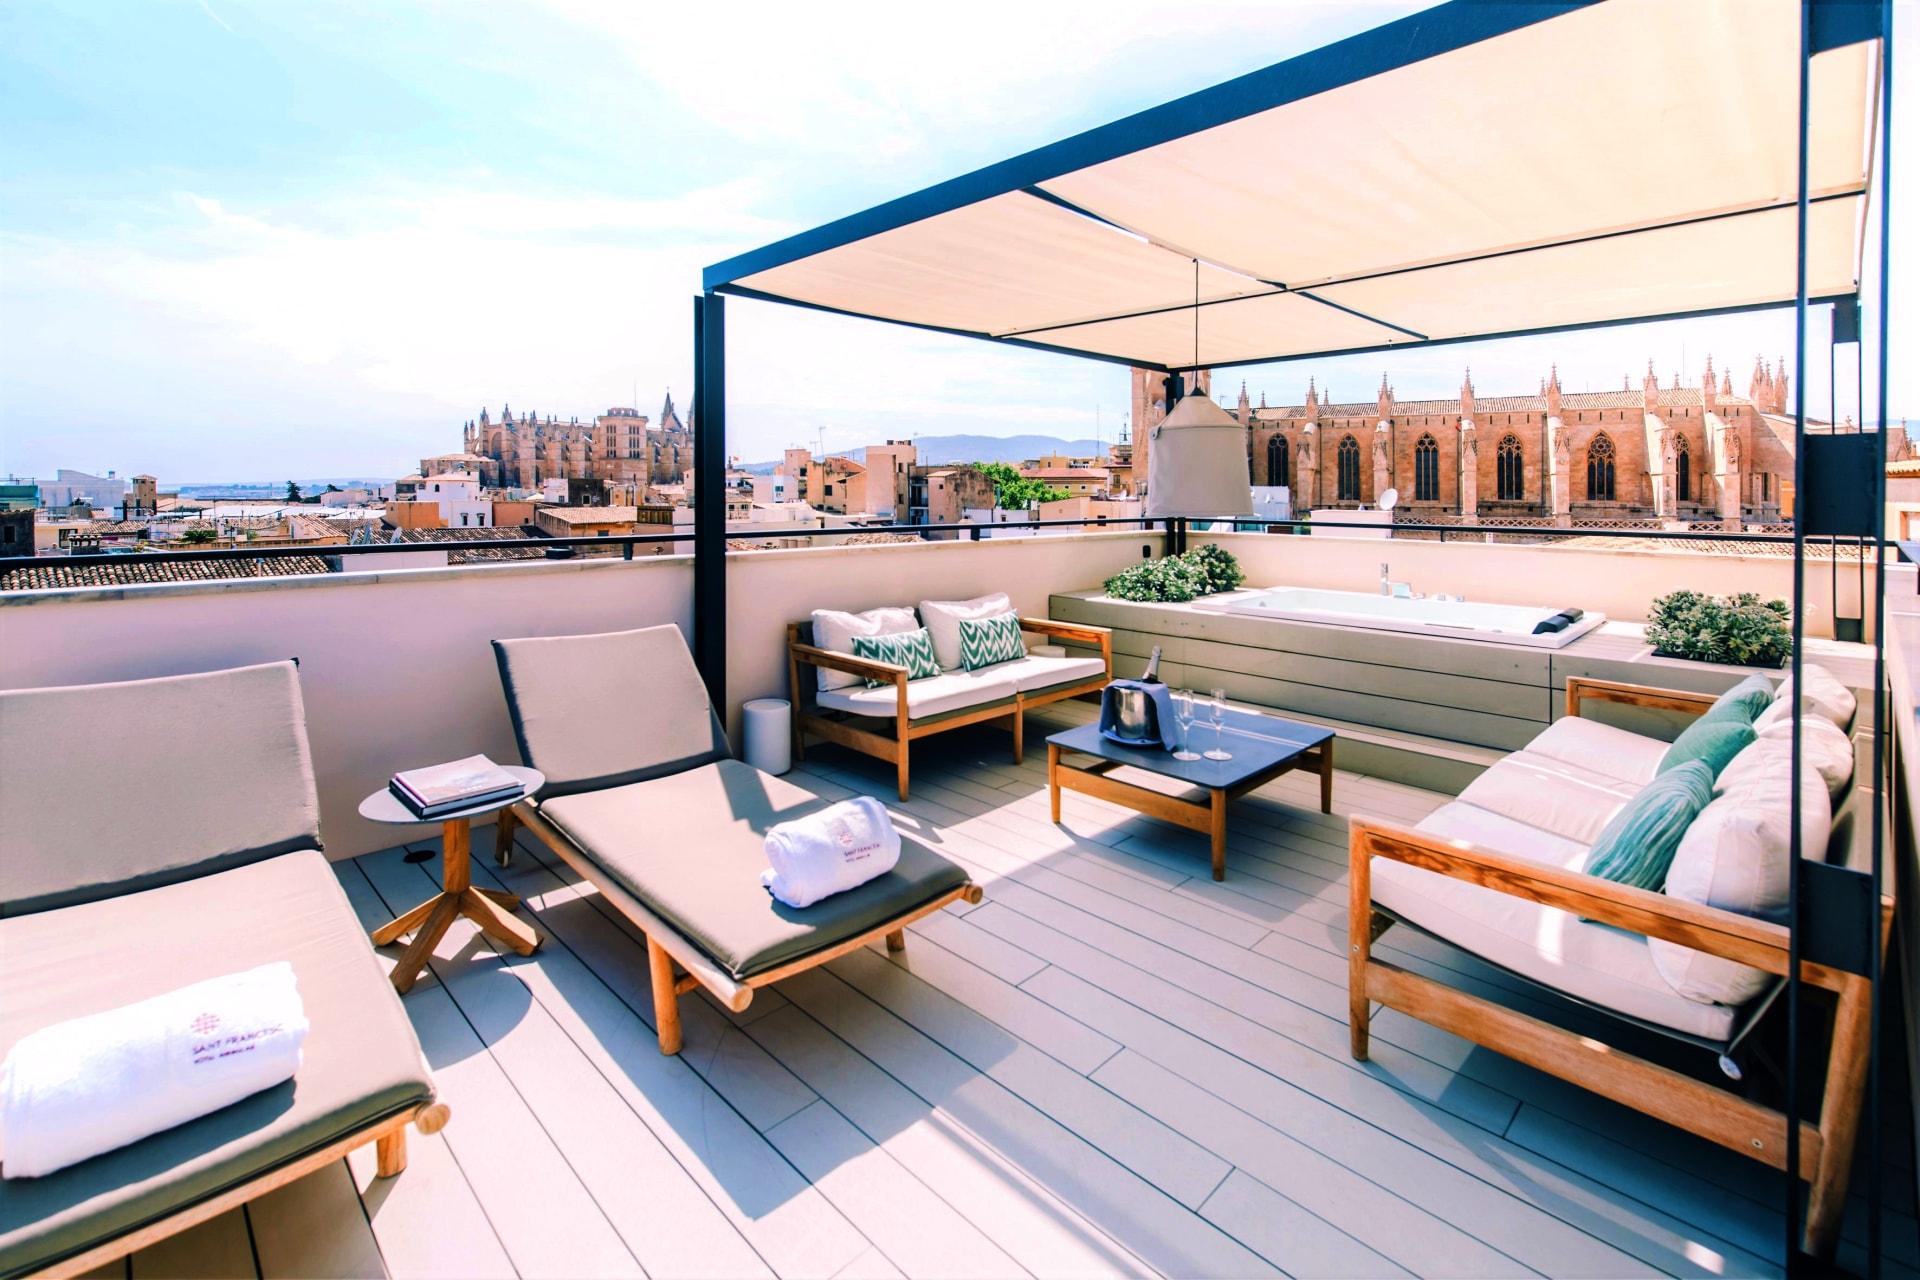 Ansicht der Dachterrasse des San Francesc Hotel